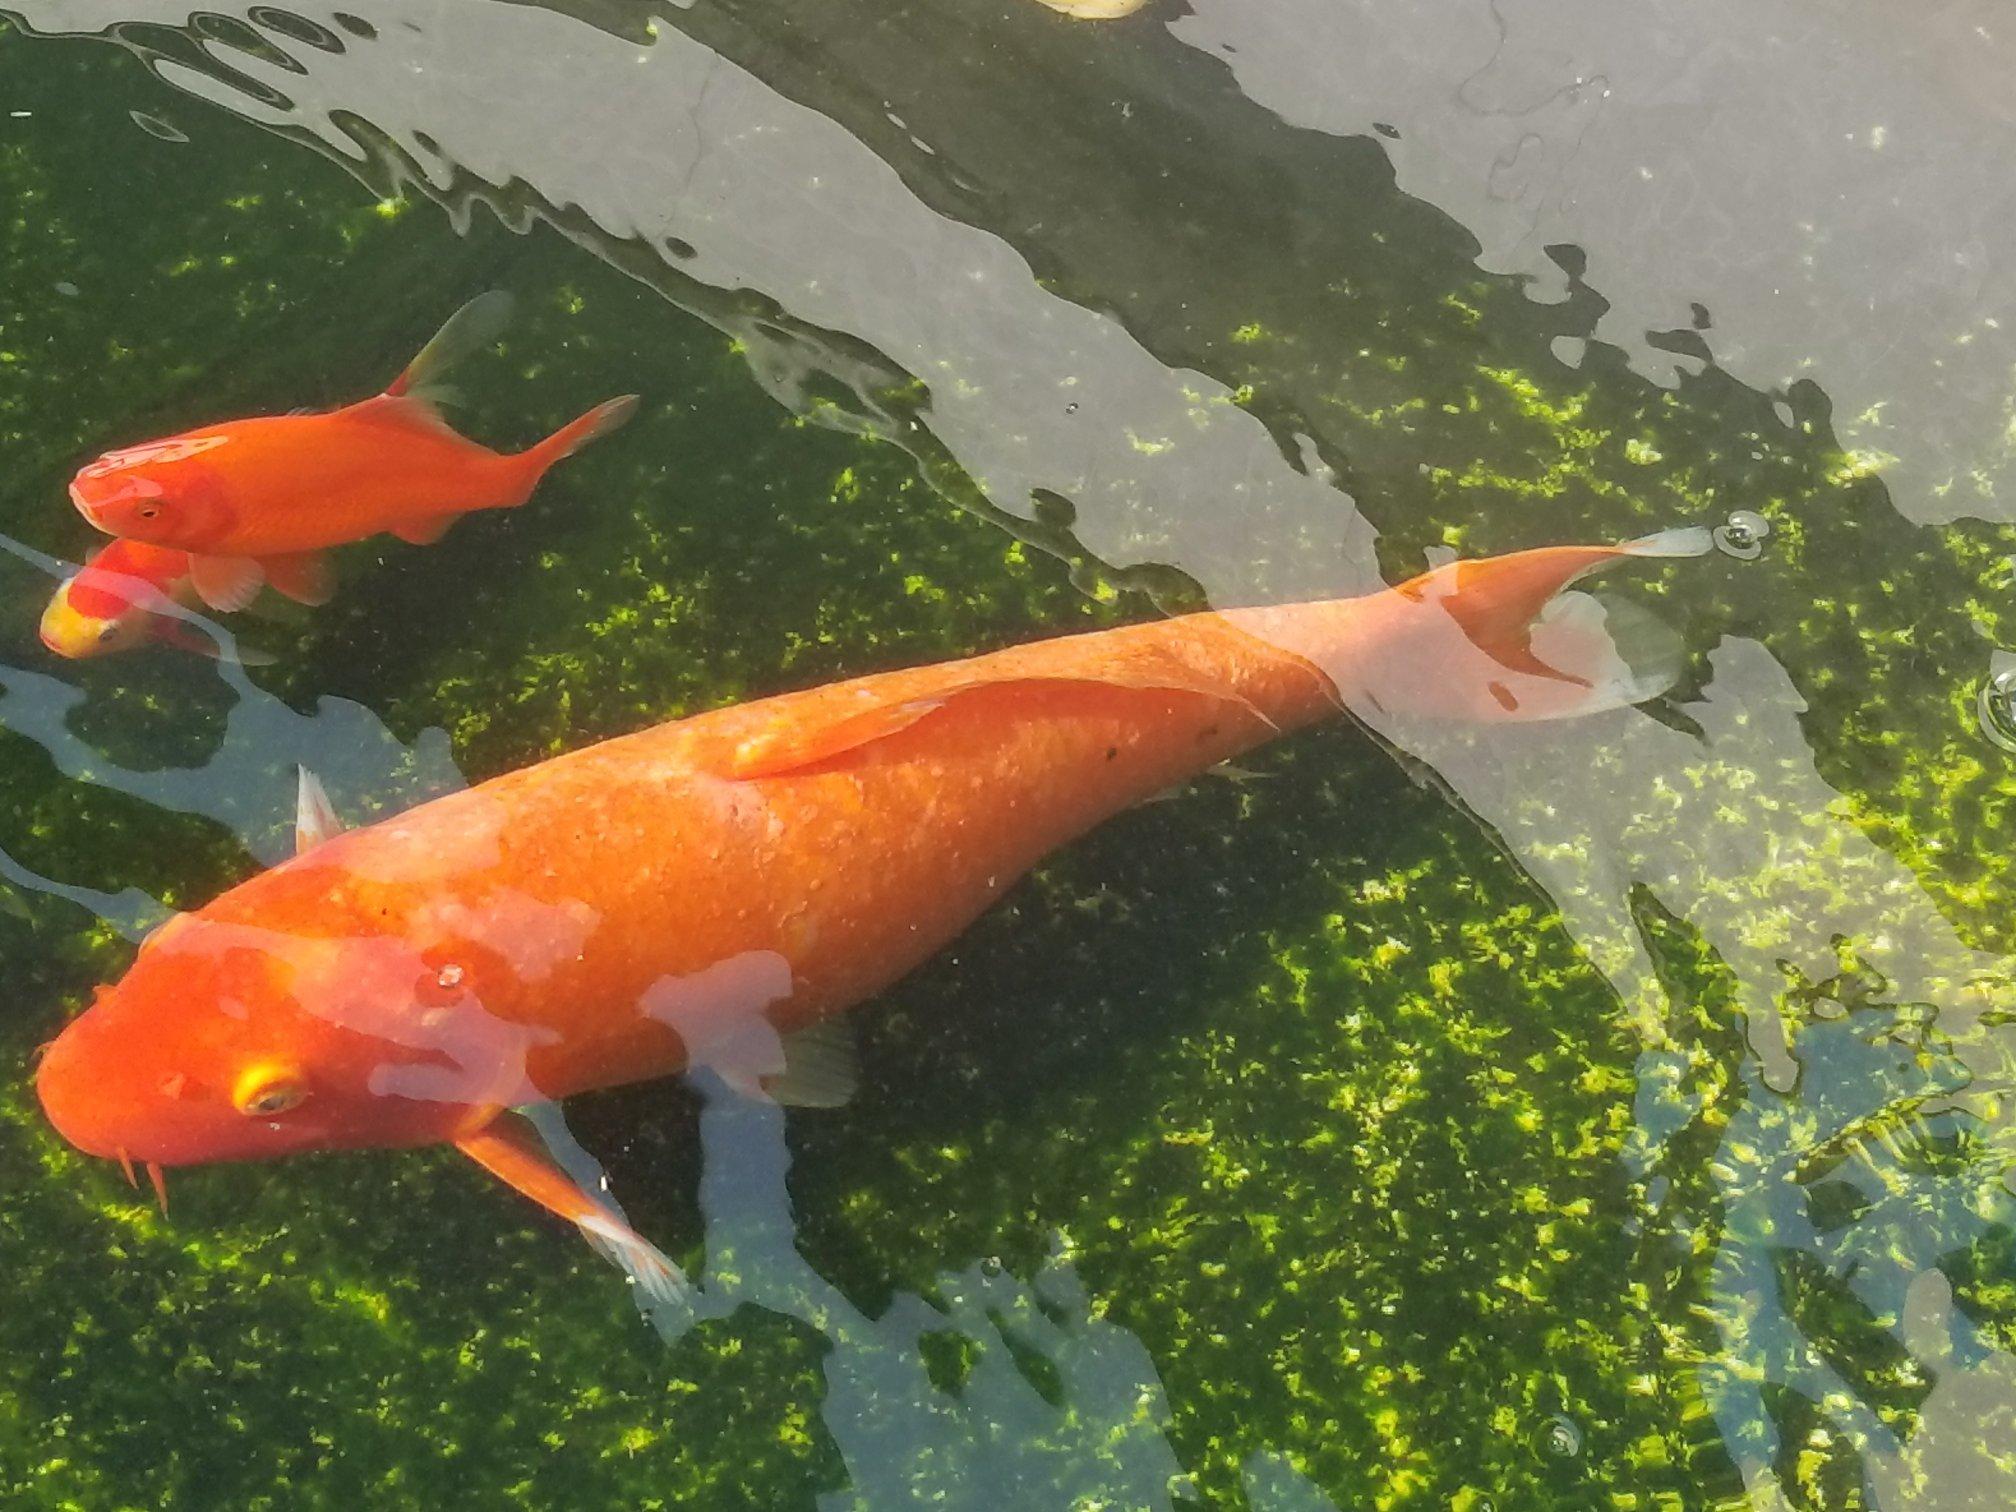 【西安海水鱼批发】咋整一直好不了 西安观赏鱼信息 西安博特第3张